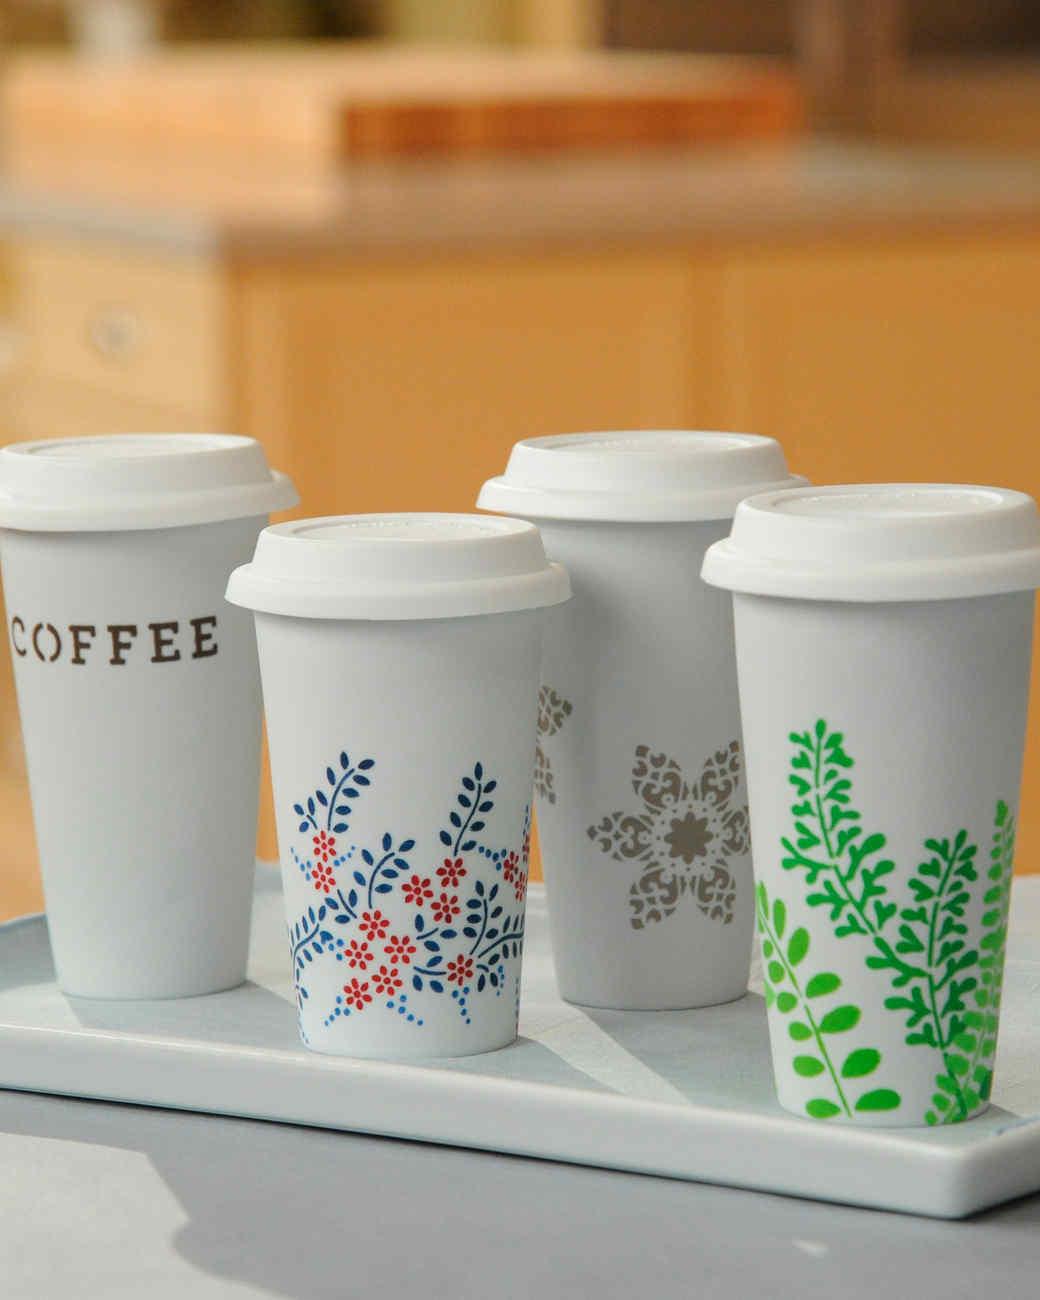 coffee-mugs-mslb7067.jpg